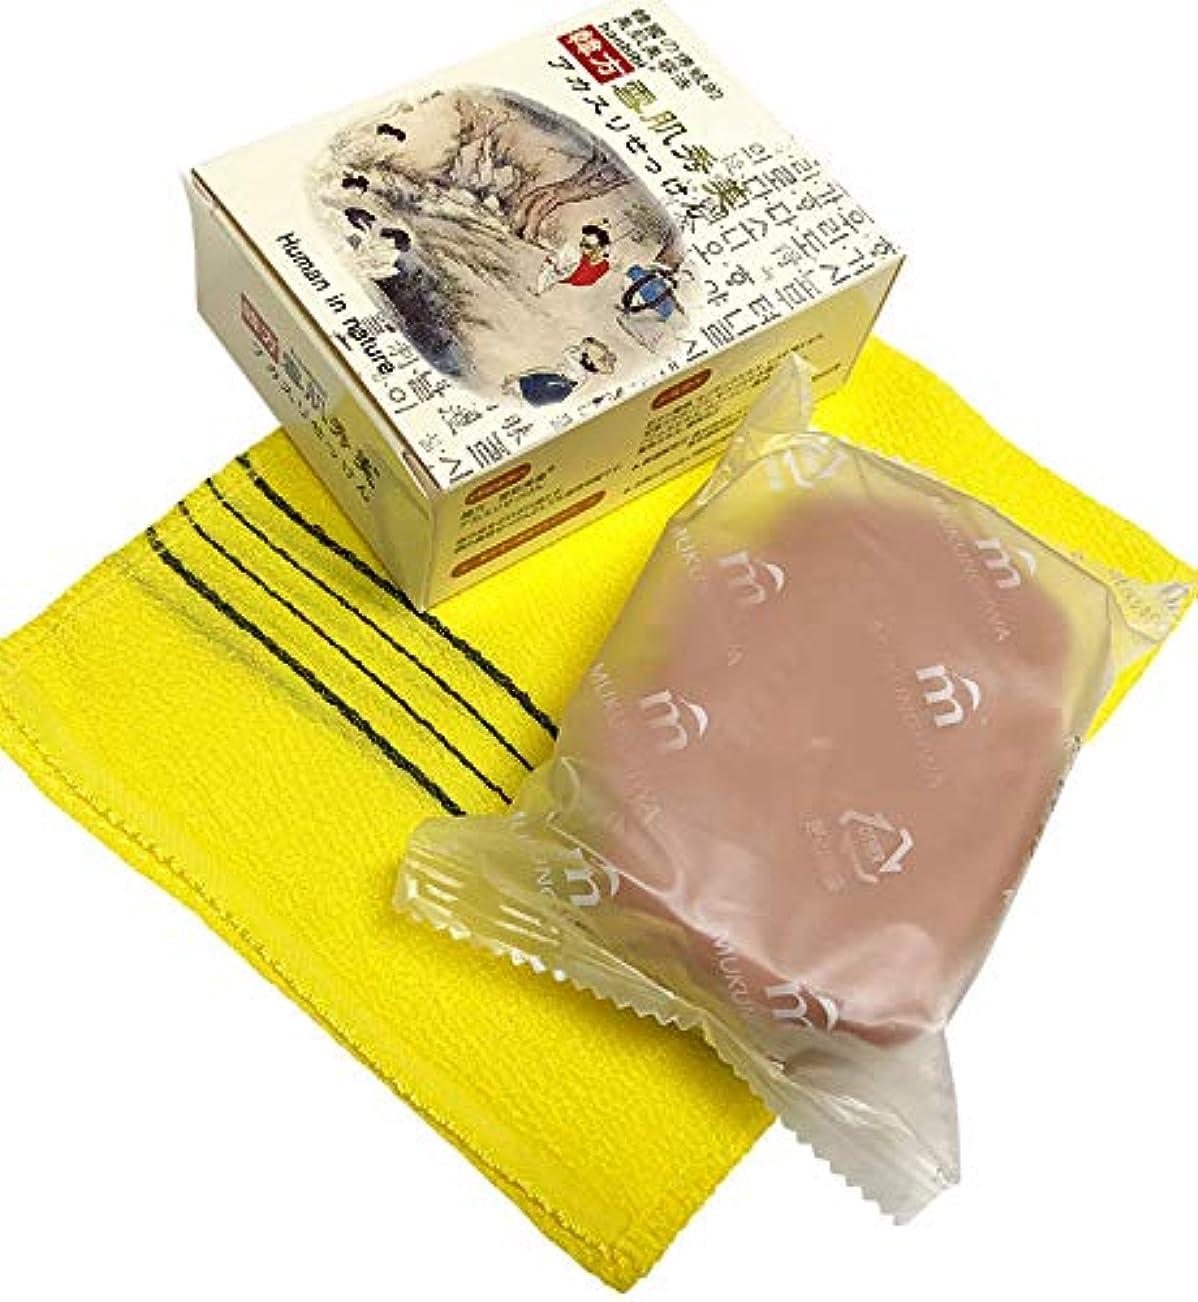 マイク検査アンプ顔、体兼用、蜂蜜香りの韓方石ケン、韓国コスメ 韓方[]蜂蜜アカスリせっけん アカスリ専用タオル付き